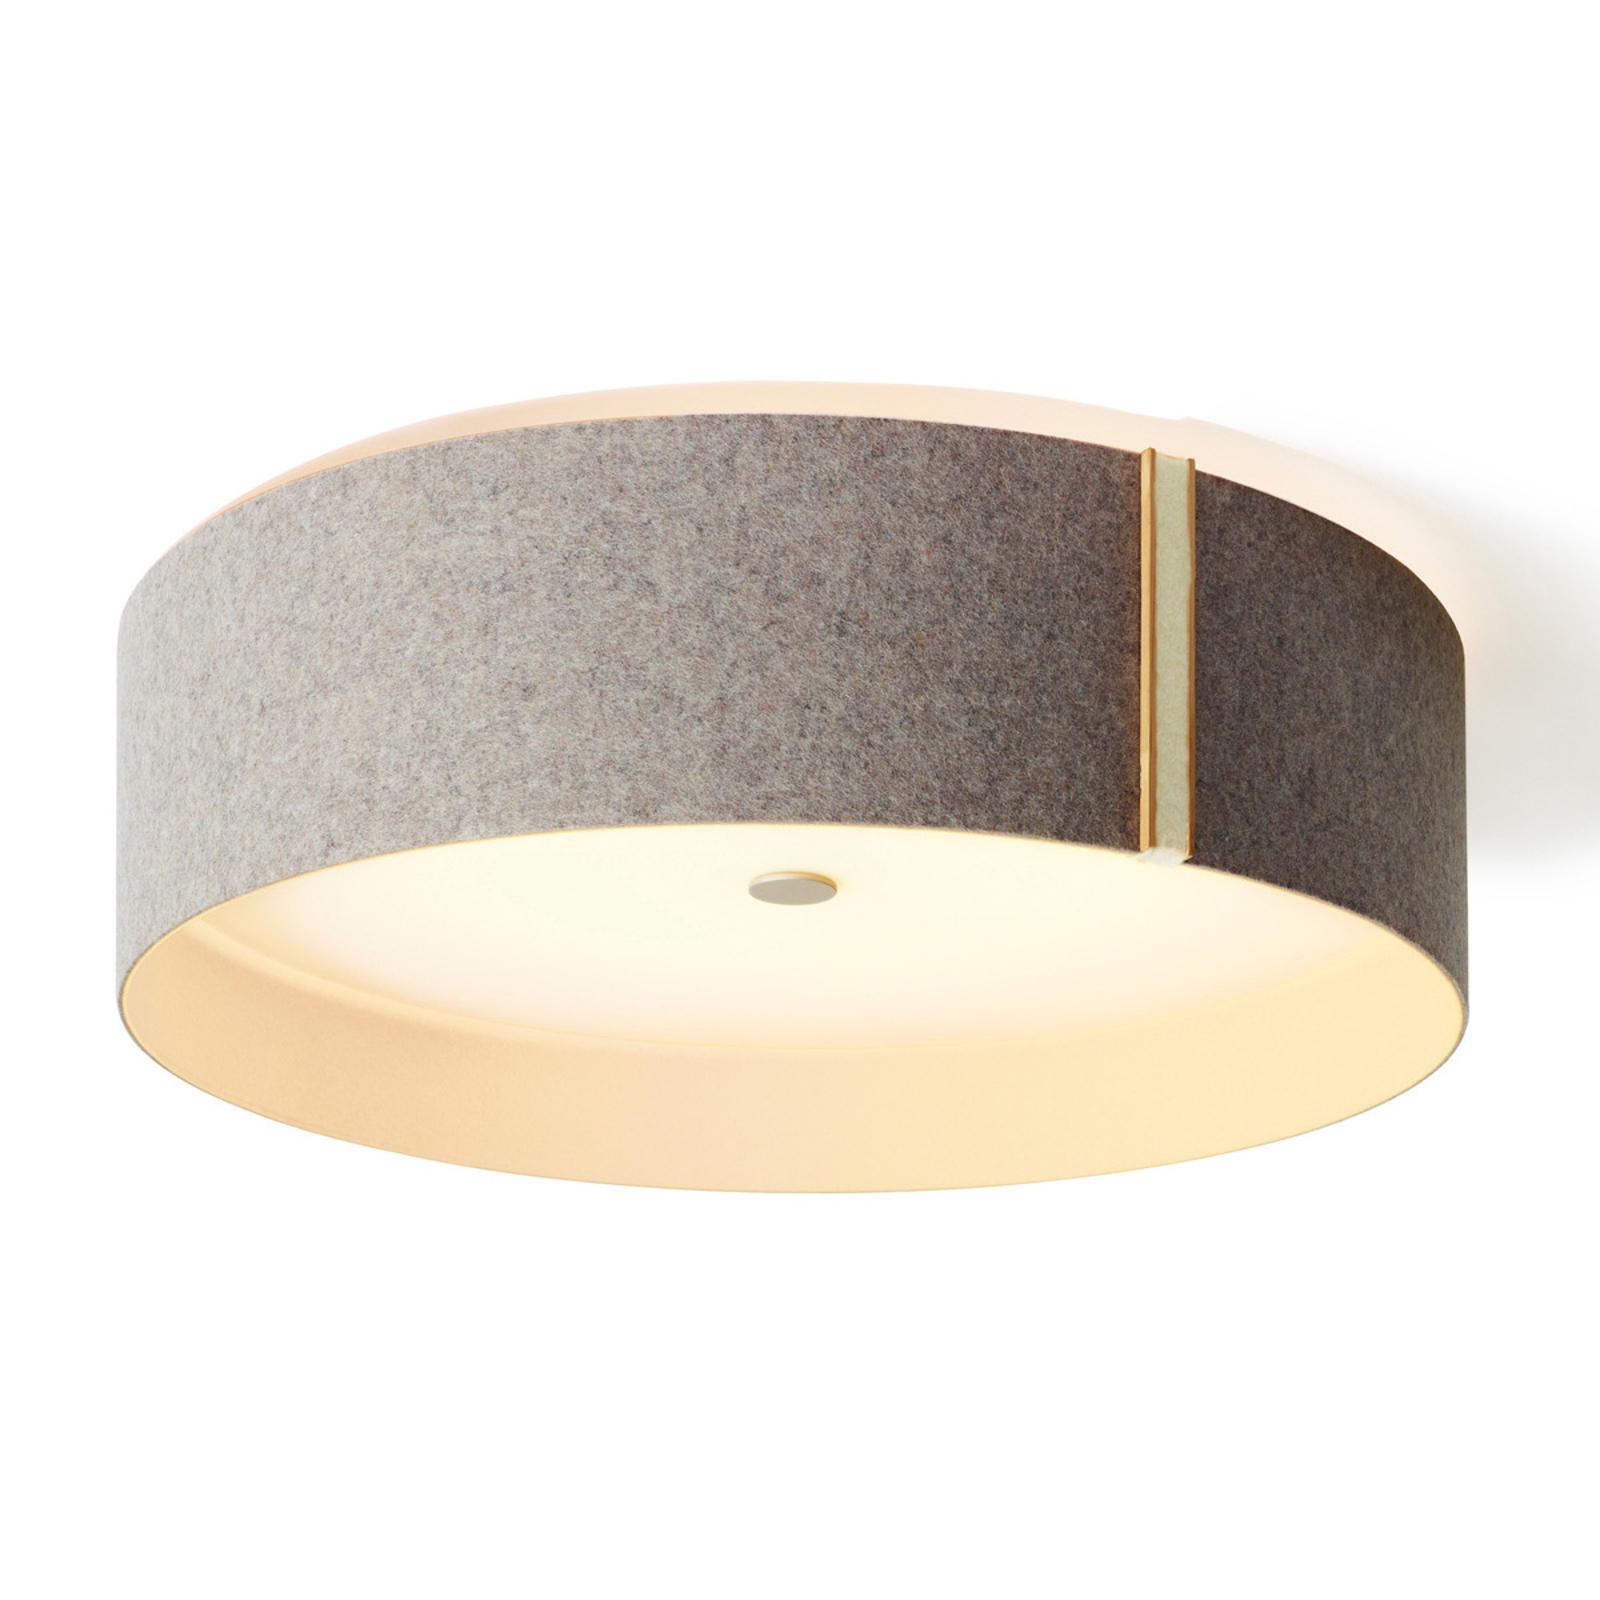 Filt loftlampe Lara felt med LED, grå / uldhvid